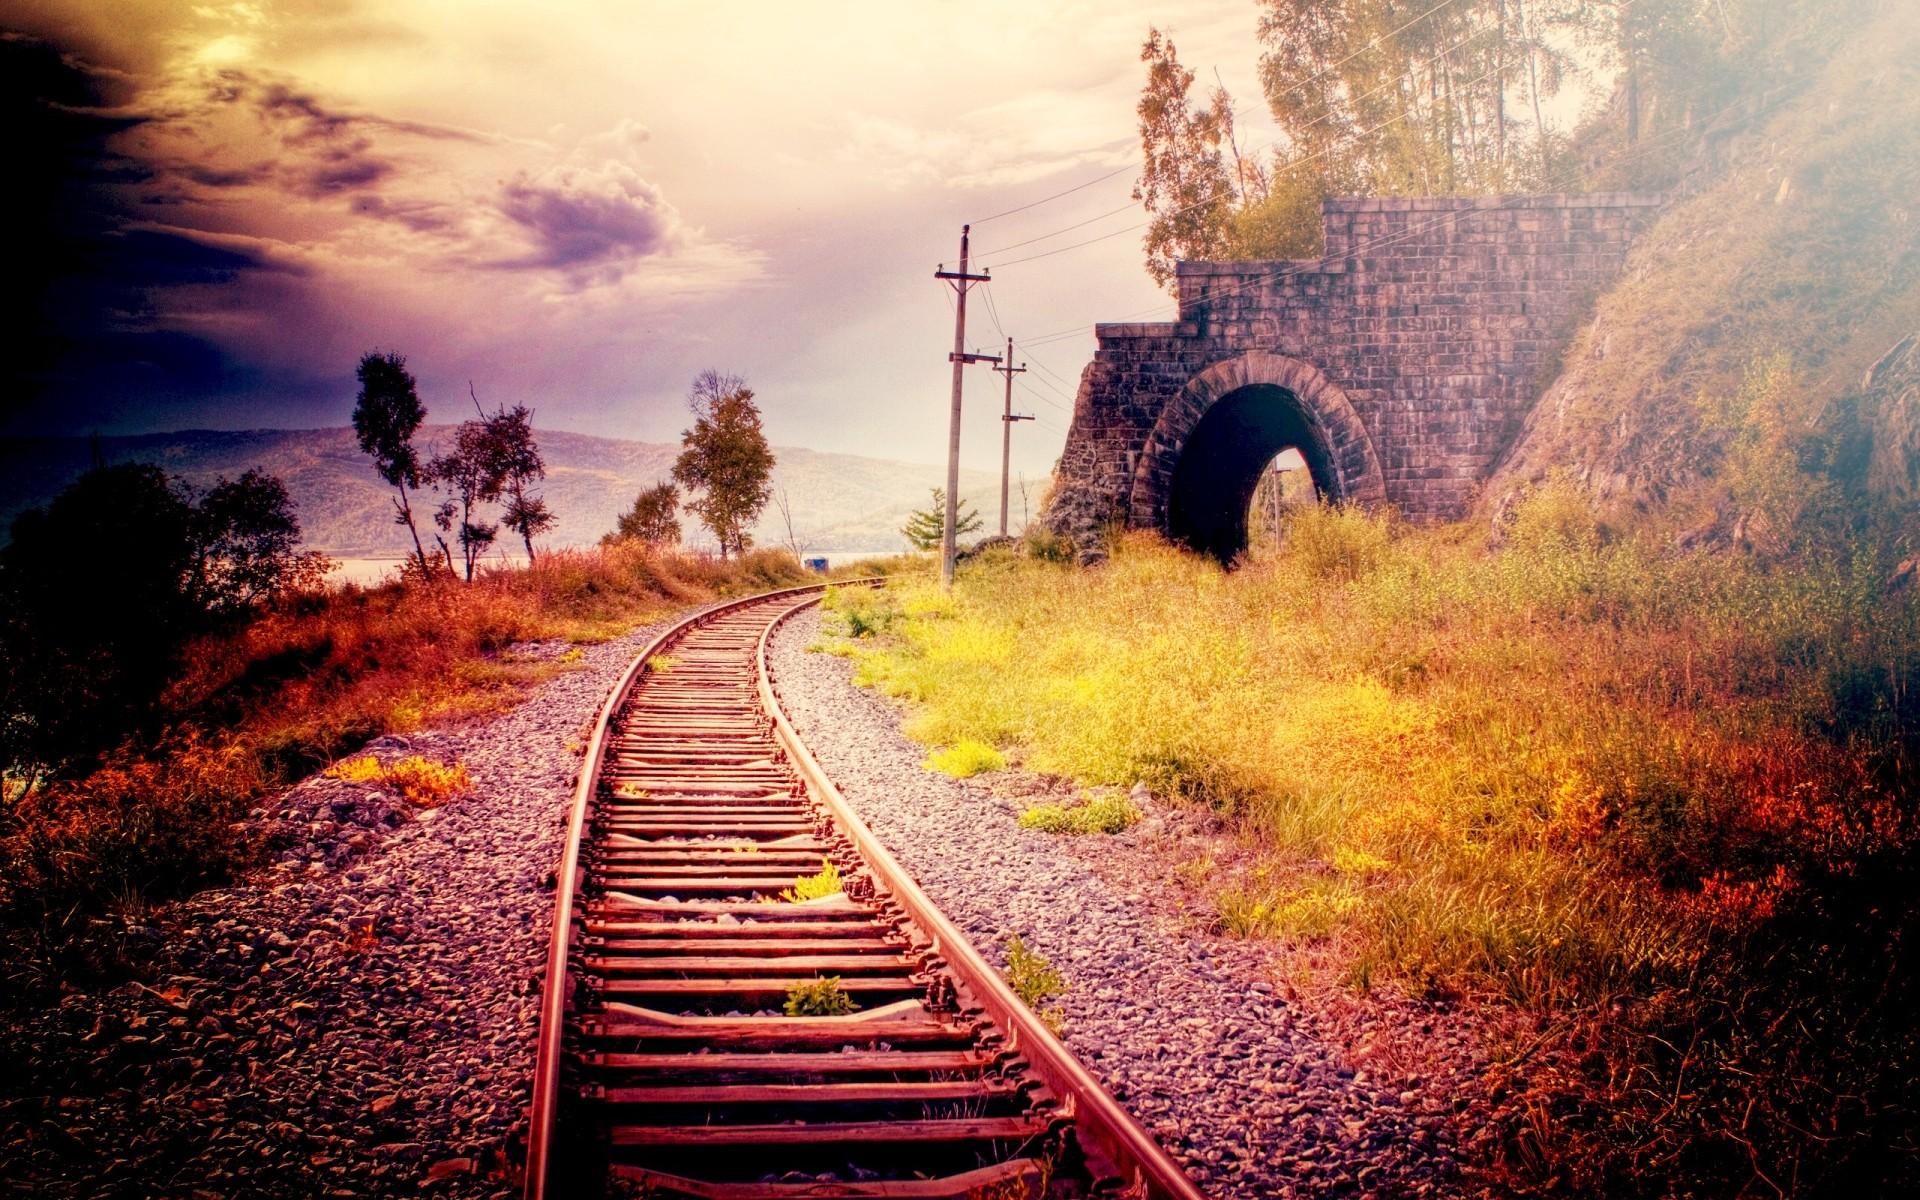 рельсы железная дорога деревья туннель  № 3118408 загрузить